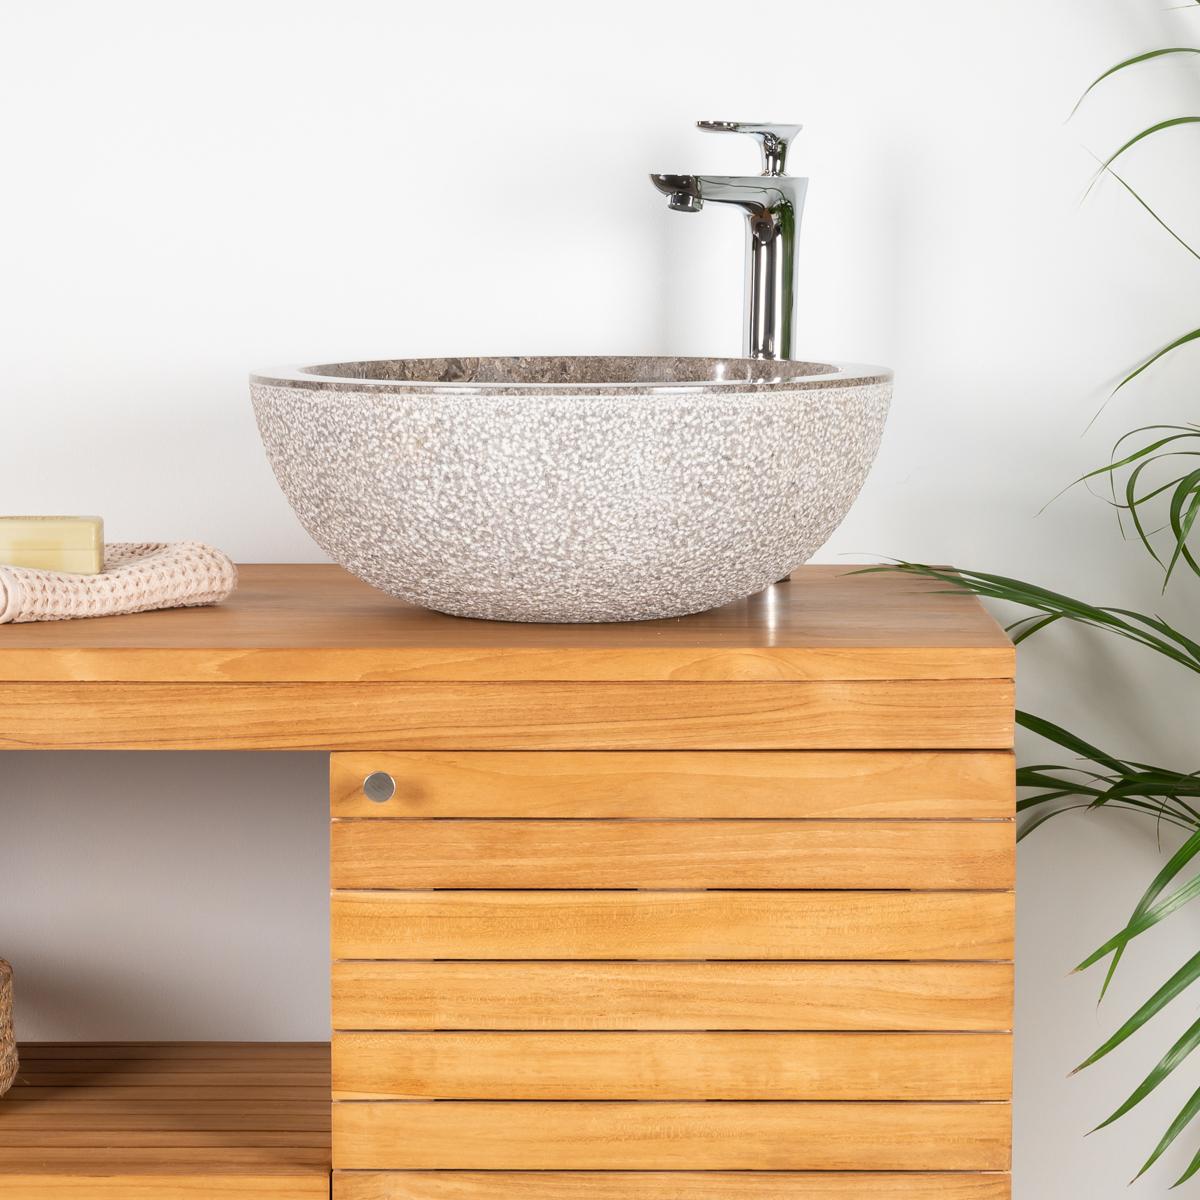 meuble sous vasque simple vasque en bois teck massif courchevel naturel l 100 cm. Black Bedroom Furniture Sets. Home Design Ideas